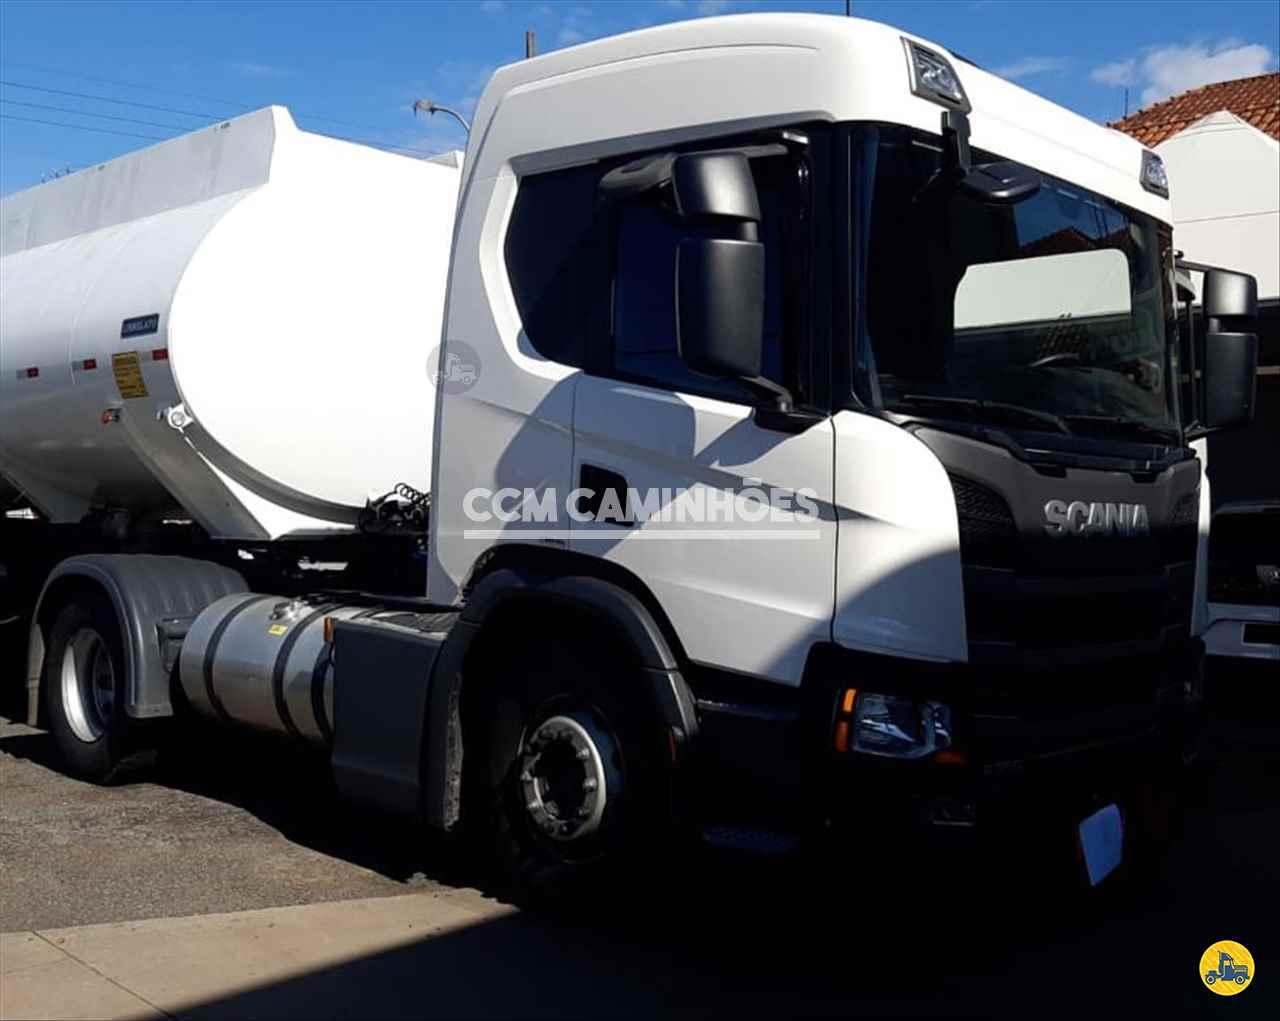 CAMINHAO SCANIA SCANIA P360 Cavalo Mecânico Toco 4x2 CCM Caminhões GOIANIA GOIAS GO